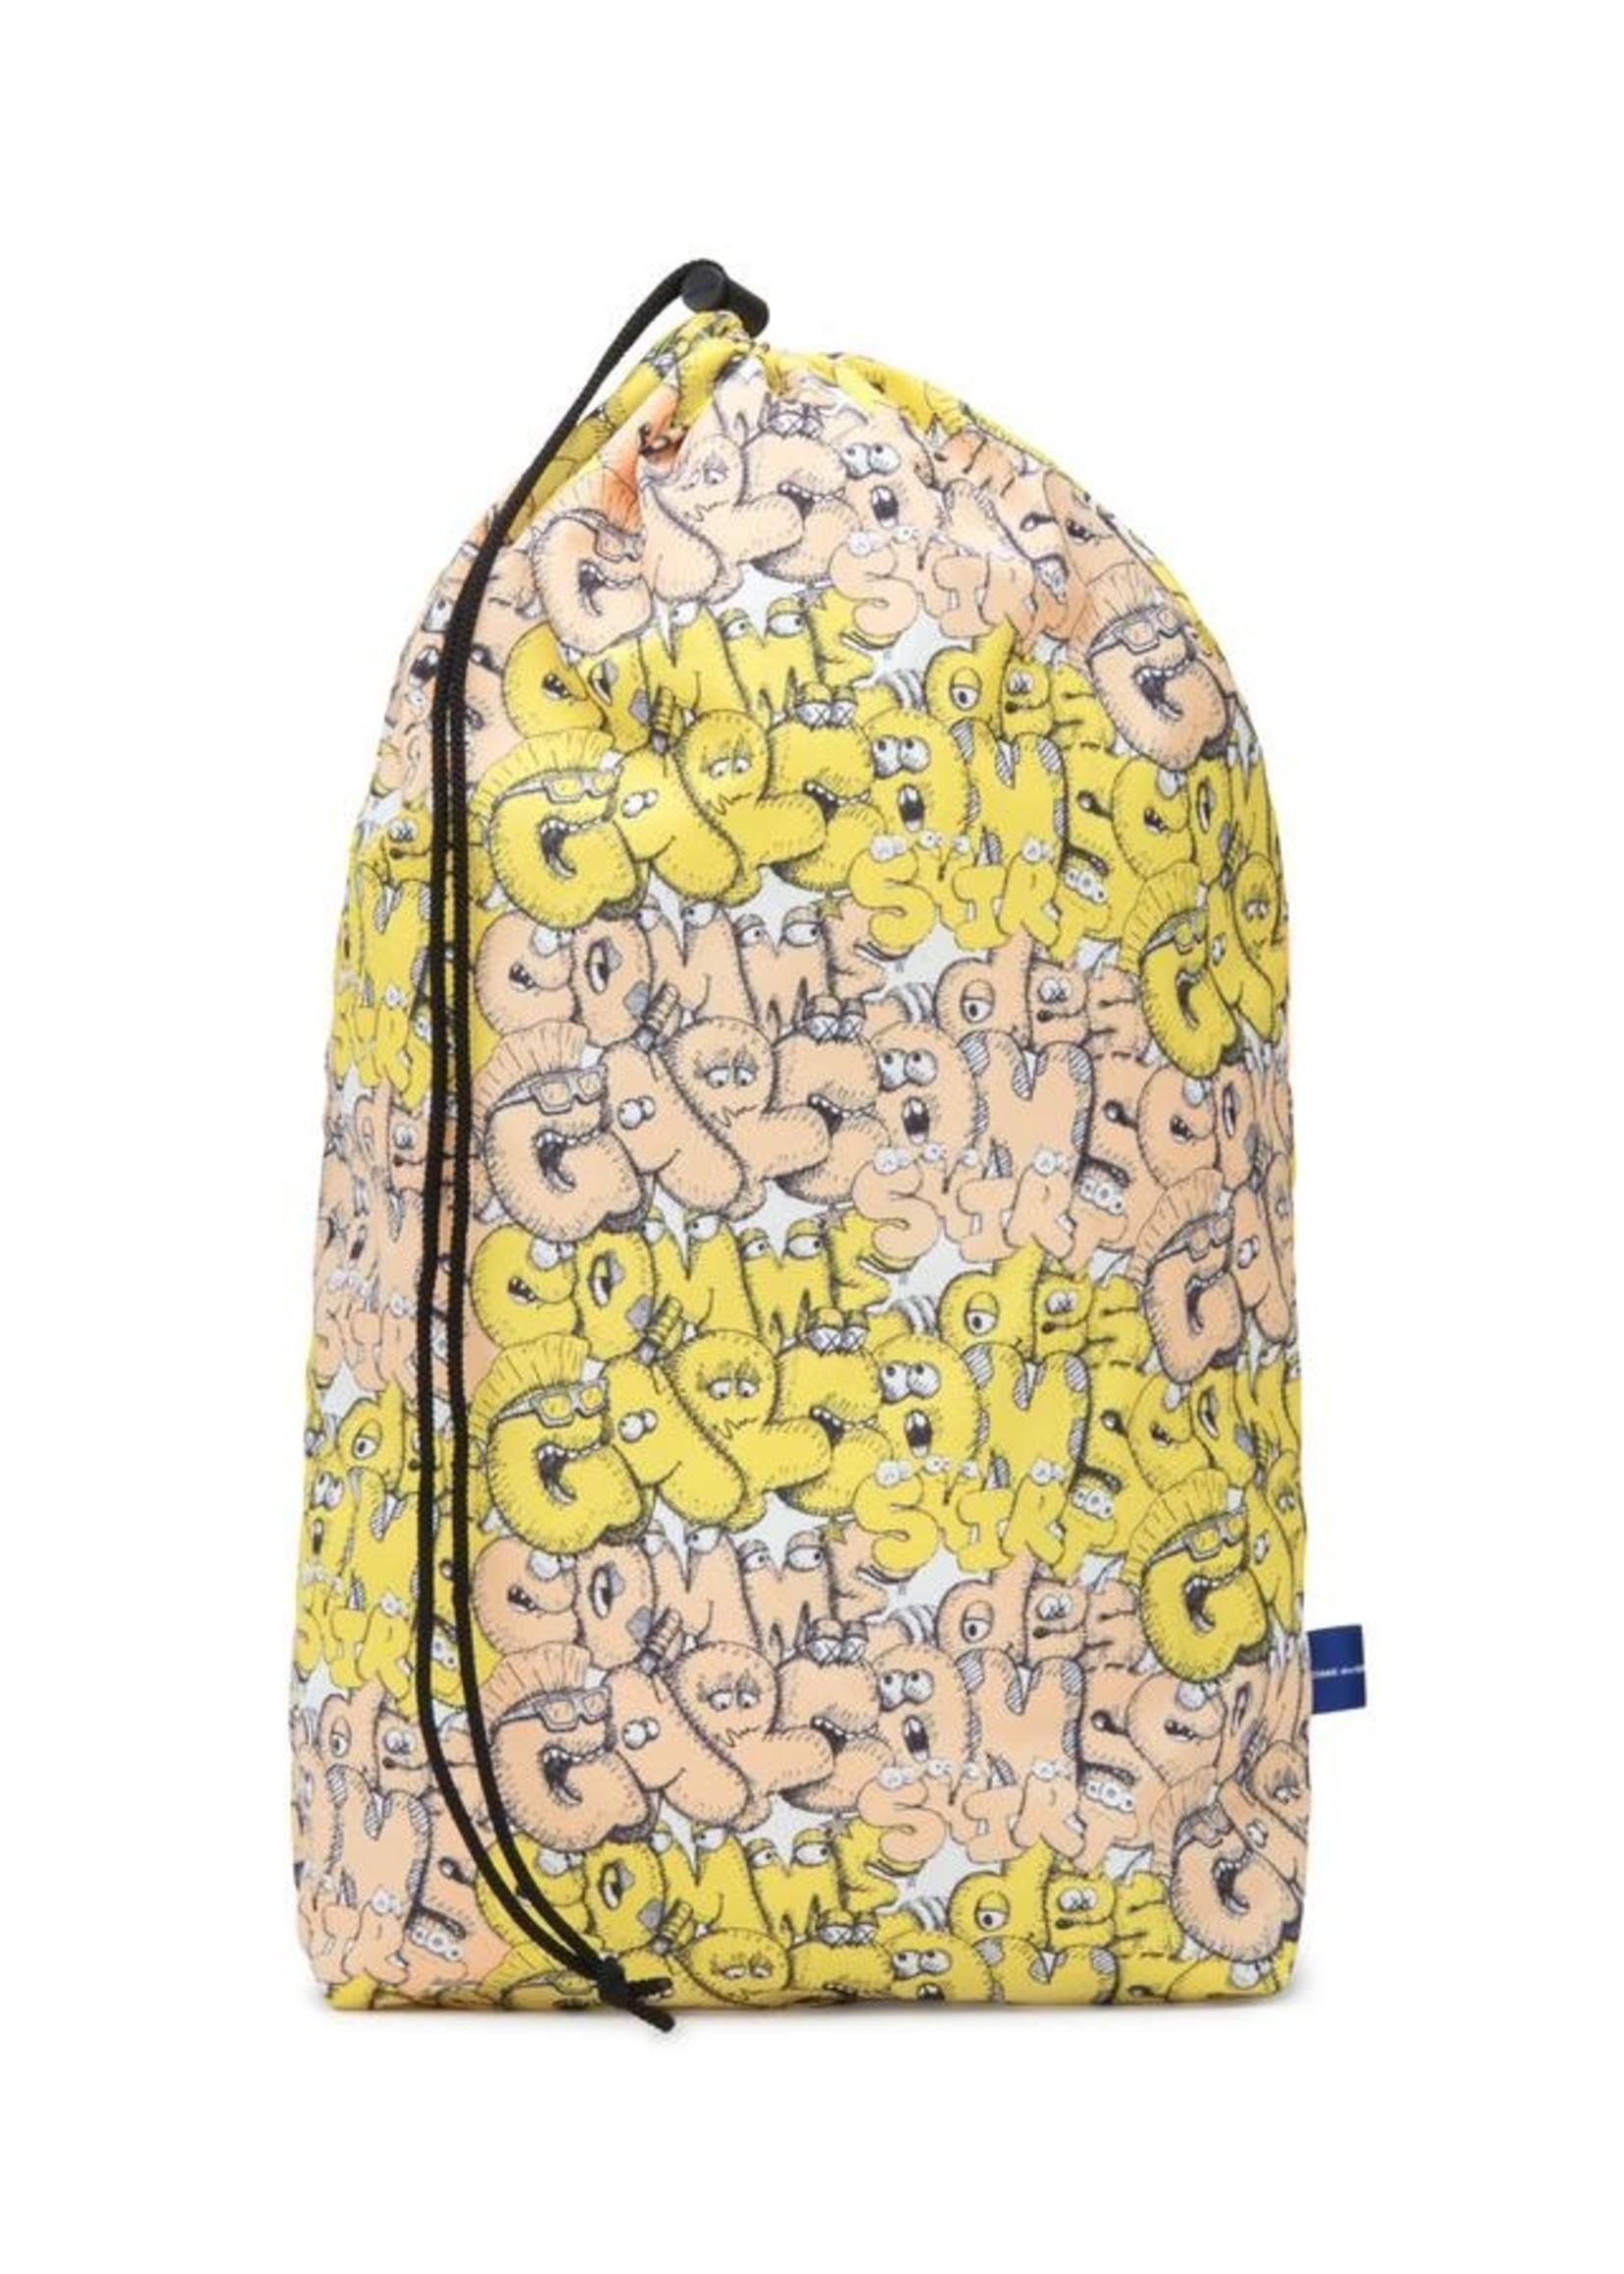 COMME des GARÇONS SHIRT CDG X KAWS BAG IN Yellow